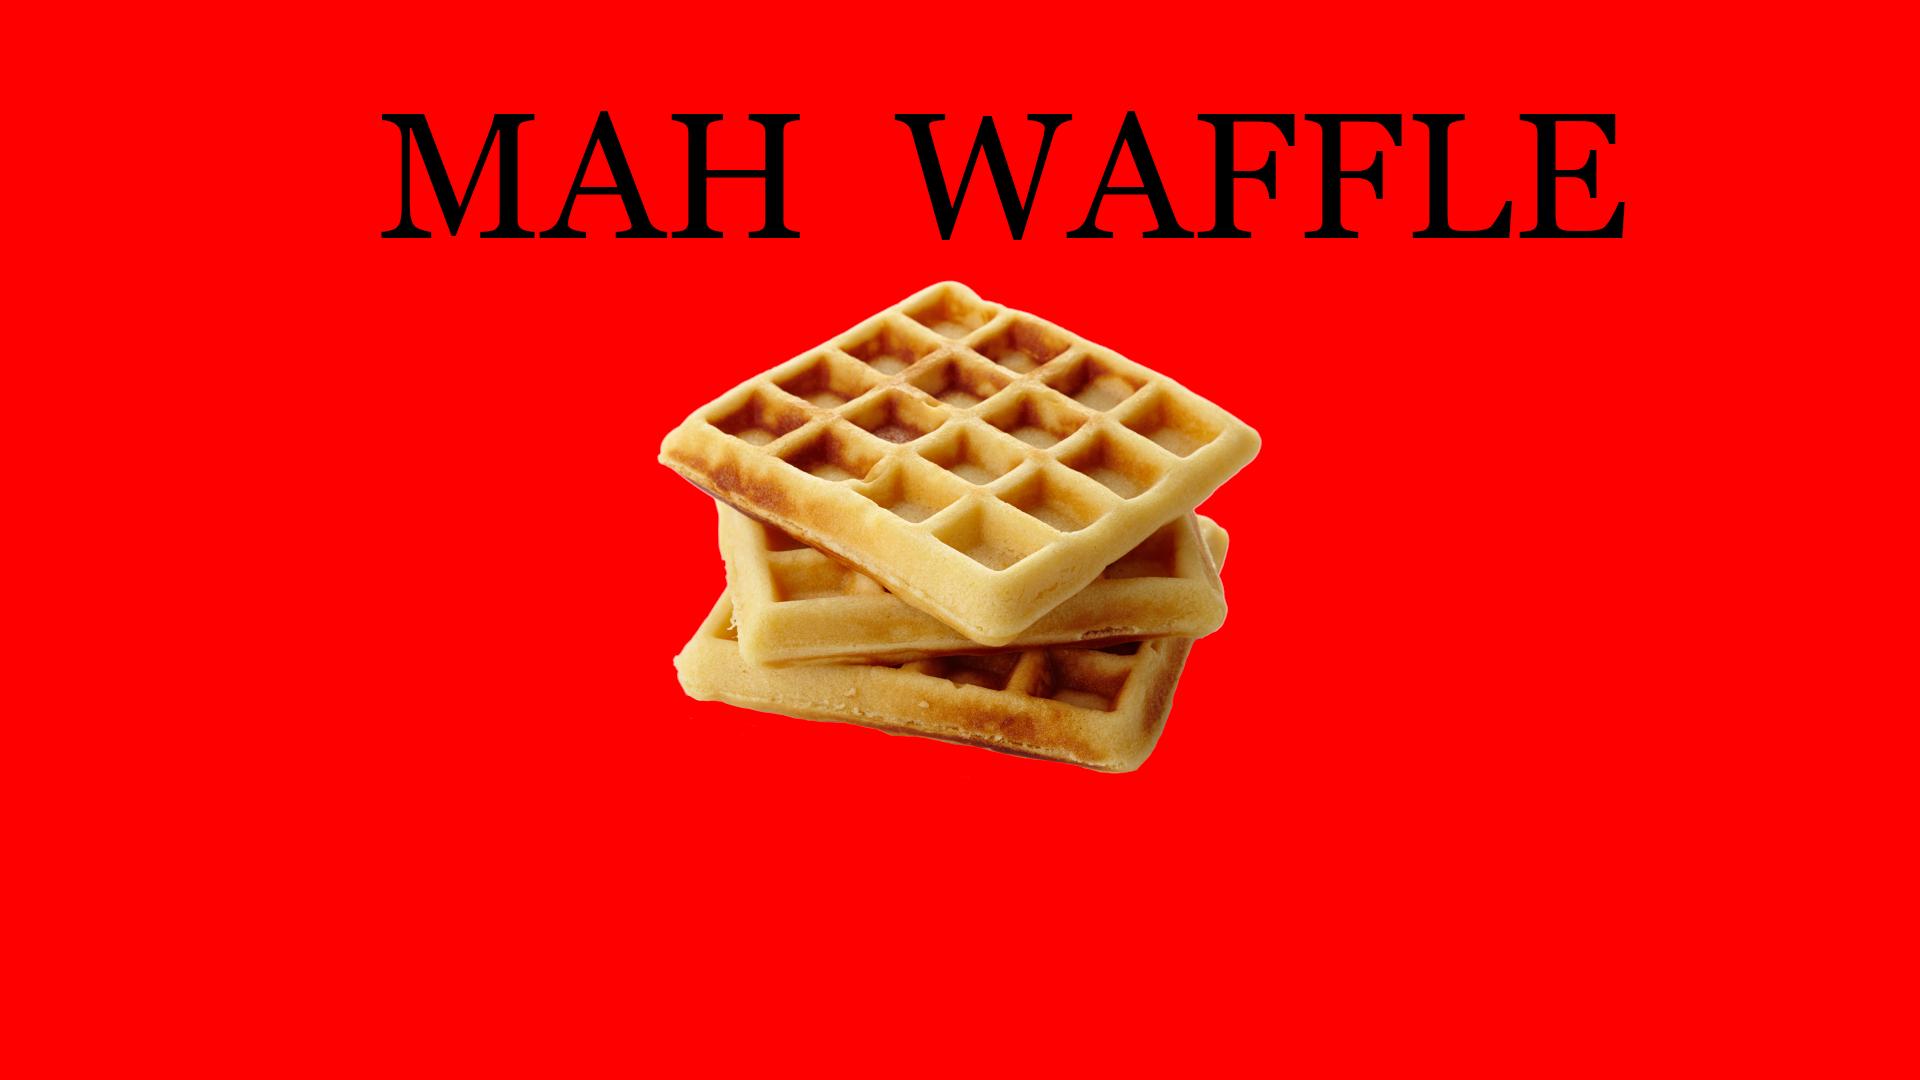 MAH WAFFLE!